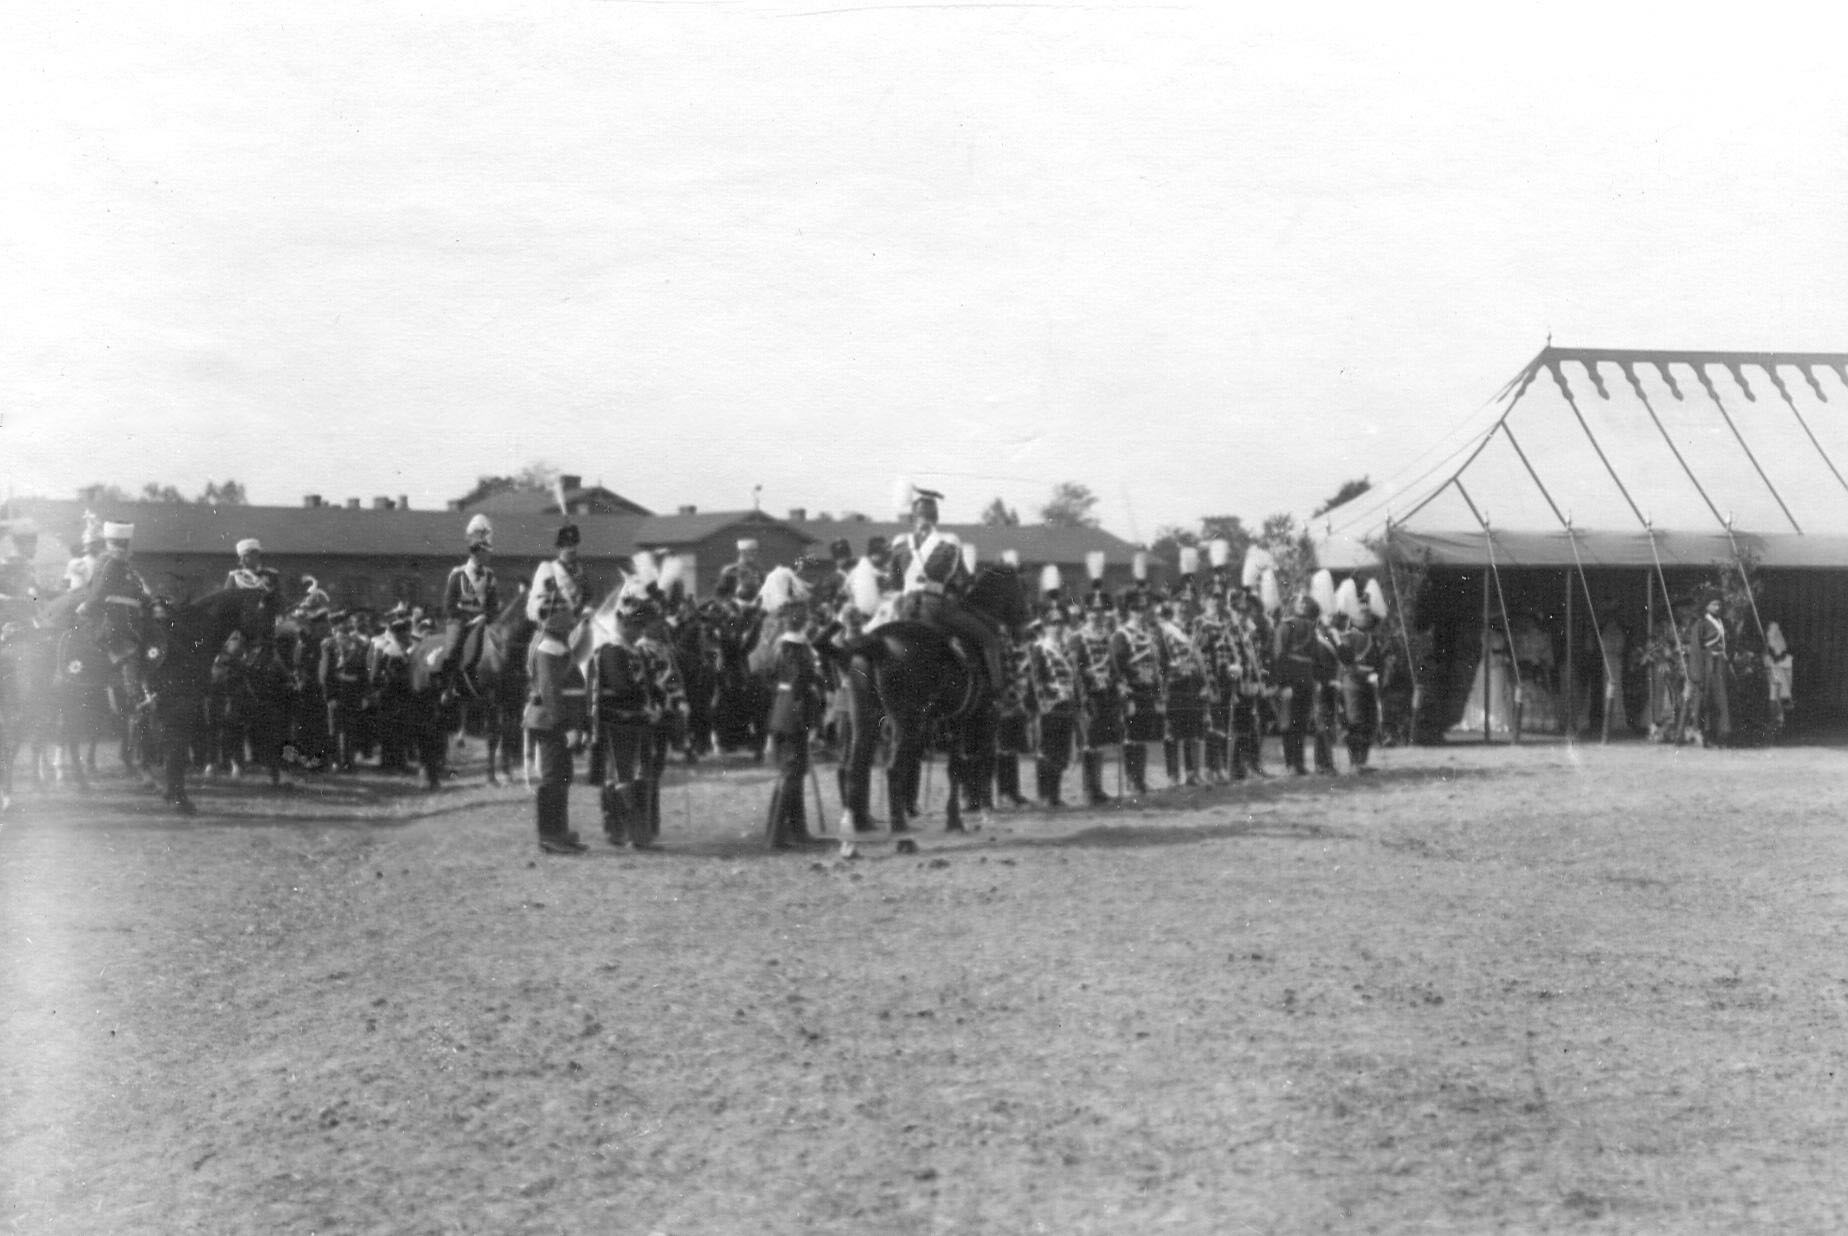 Император Николай II  на параде полка приветствует прусских гусар смерти, прибывших на празднование 250-летнего юбилея полка